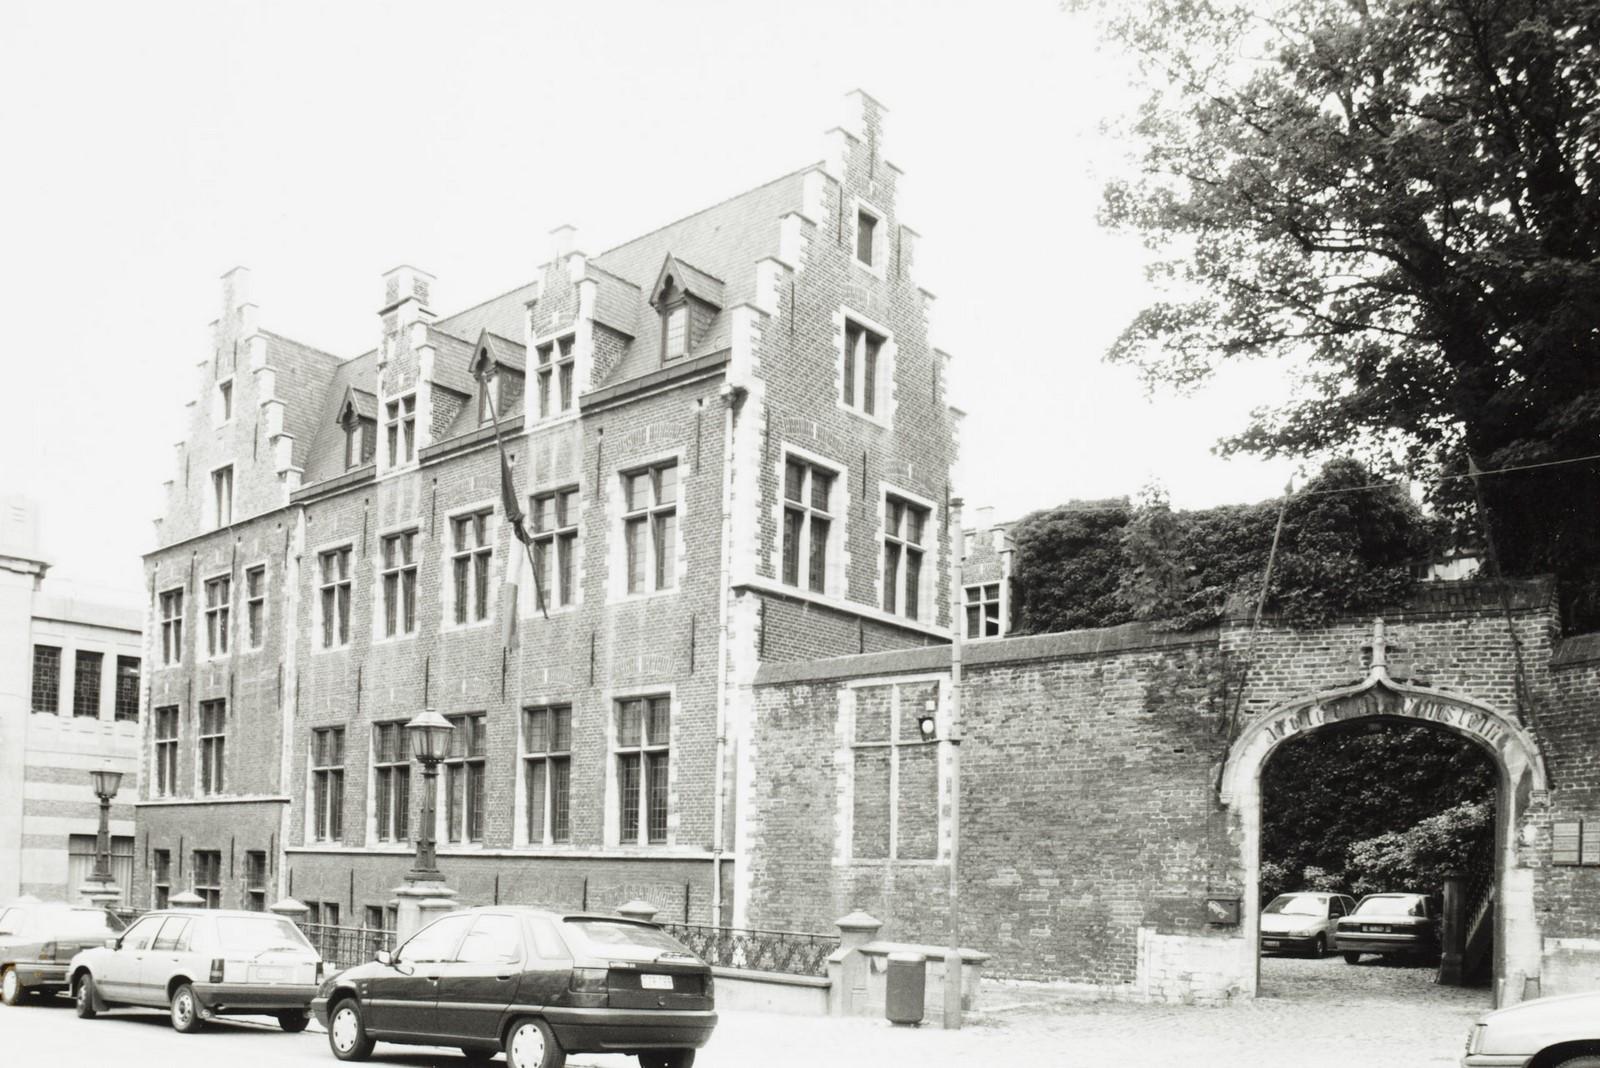 rue Ravenstein 3, anc. Hôtel de Clèves-Ravenstein., [s.d.]